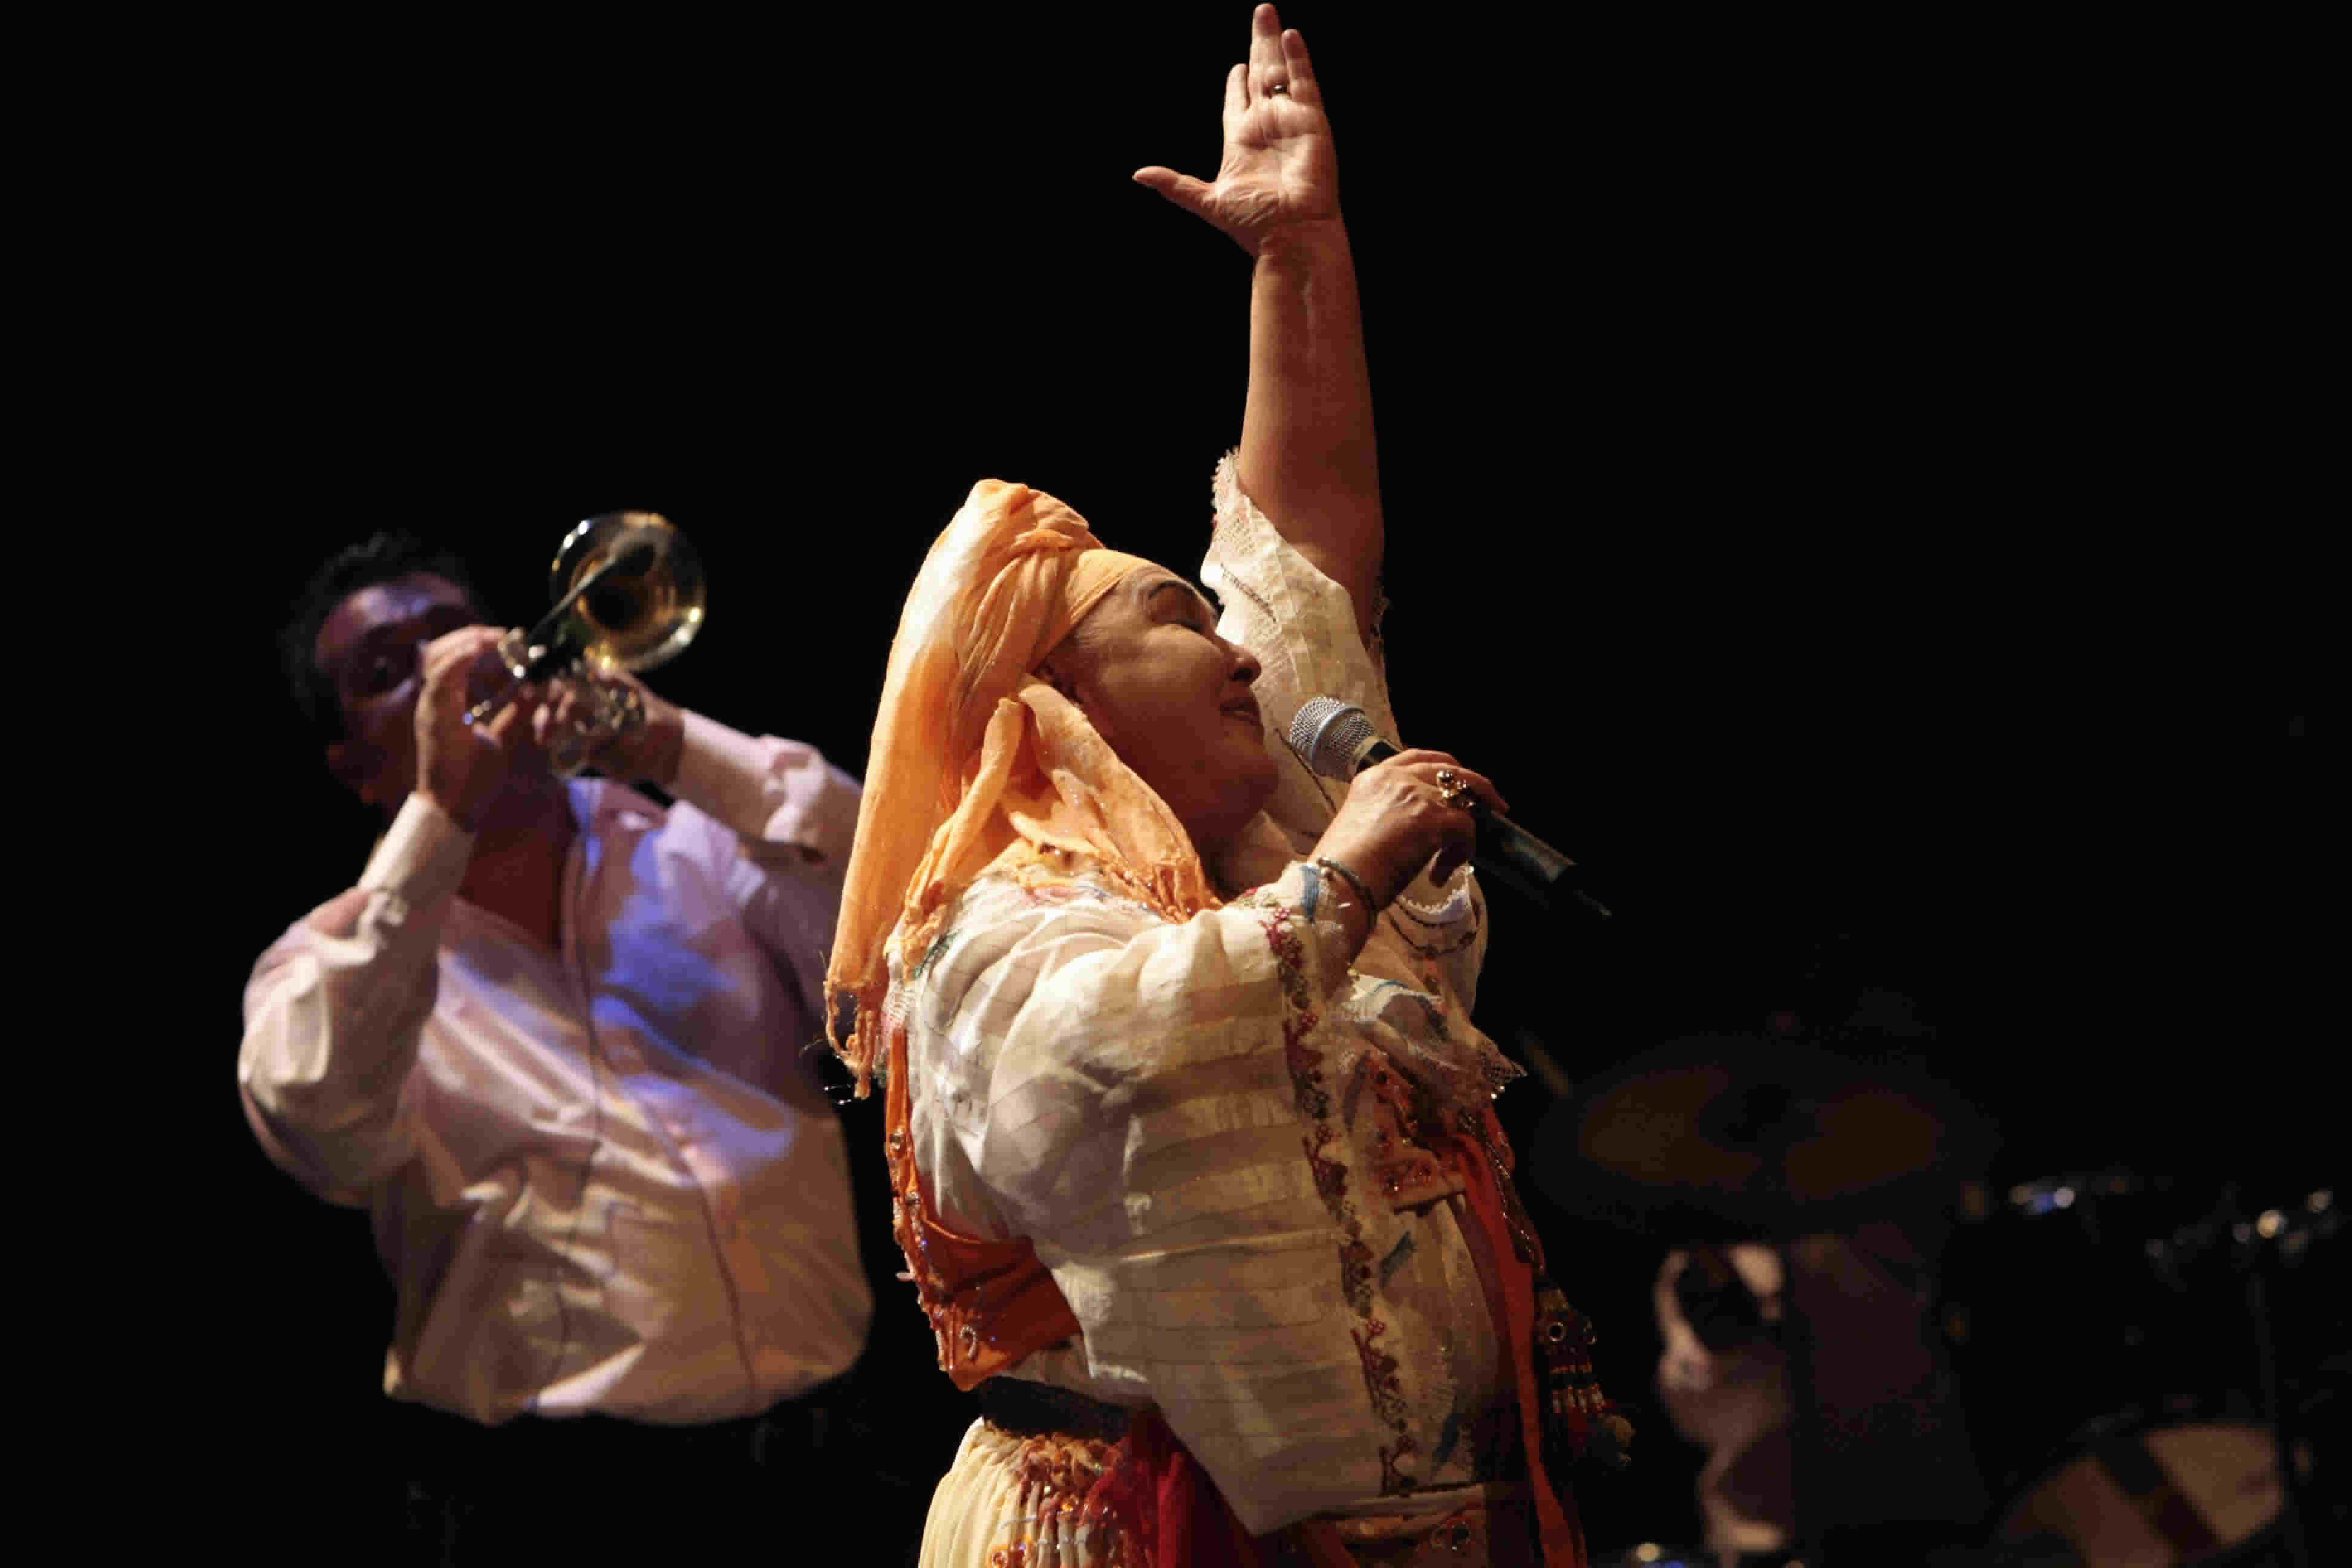 Gypsy Festival 2007